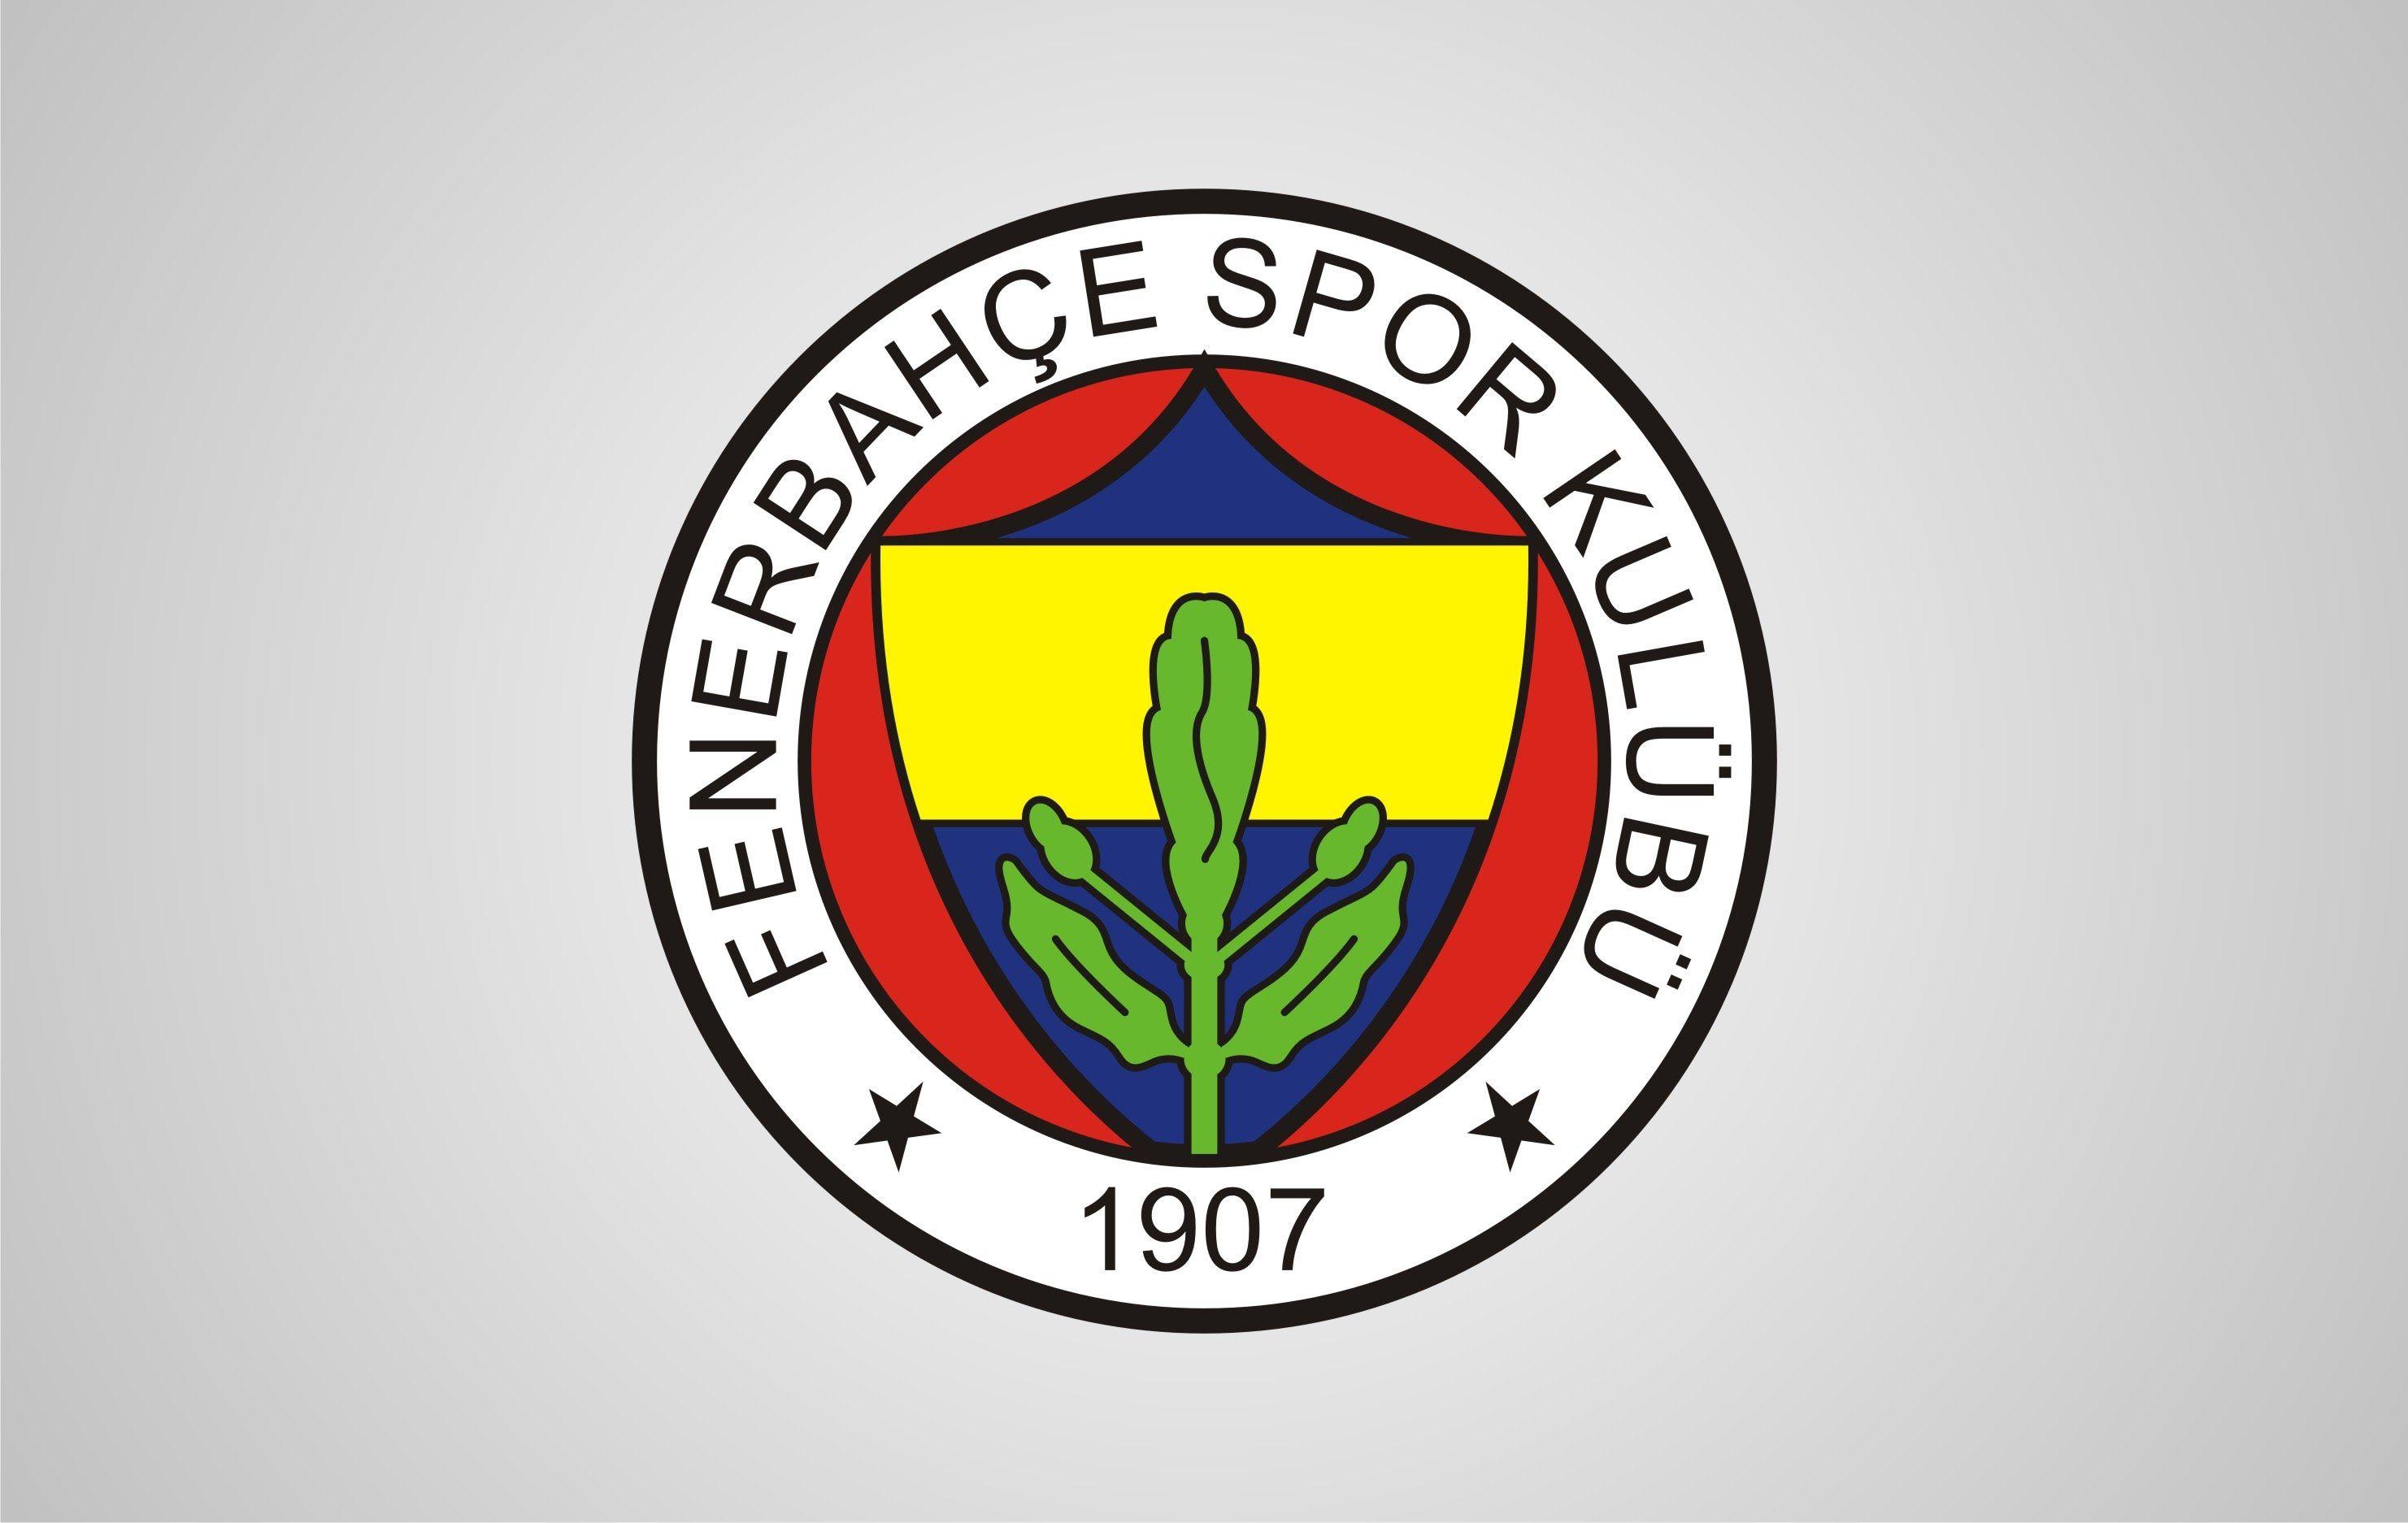 Takim Amblemleri Cizim Ile Ilgili Gorsel Sonucu Futbol Spor Logolar